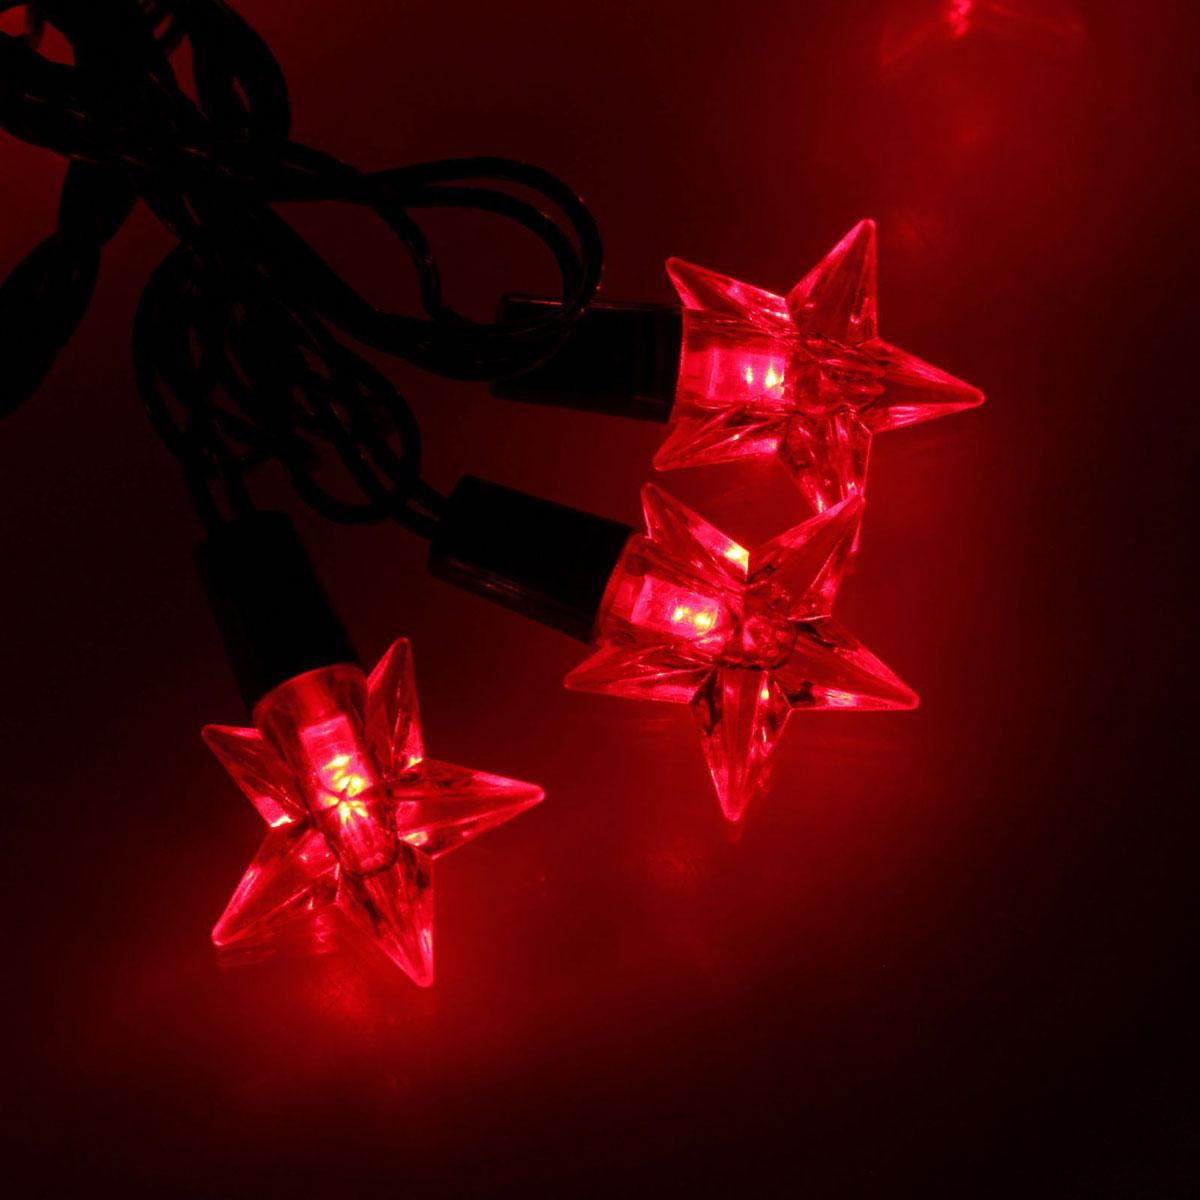 Гирлянда светодиодная Luazon Метраж. Звезда средняя, уличная с насадкой, 8 режимов, 40 ламп, 220 V, 5 м, цвет: красный. 10801011080101Светодиодные гирлянды, ленты и т.д. — это отличный вариант для новогоднего оформления интерьера или фасада. С их помощью помещение любого размера можно превратить в праздничный зал, а внешние элементы зданий, украшенные ими, мгновенно станут напоминать очертания сказочного дворца. Такие украшения создают ауру предвкушения чуда. Деревья, фасады, витрины, окна и арки будто специально созданы, чтобы вы украсили их светящимися нитями.